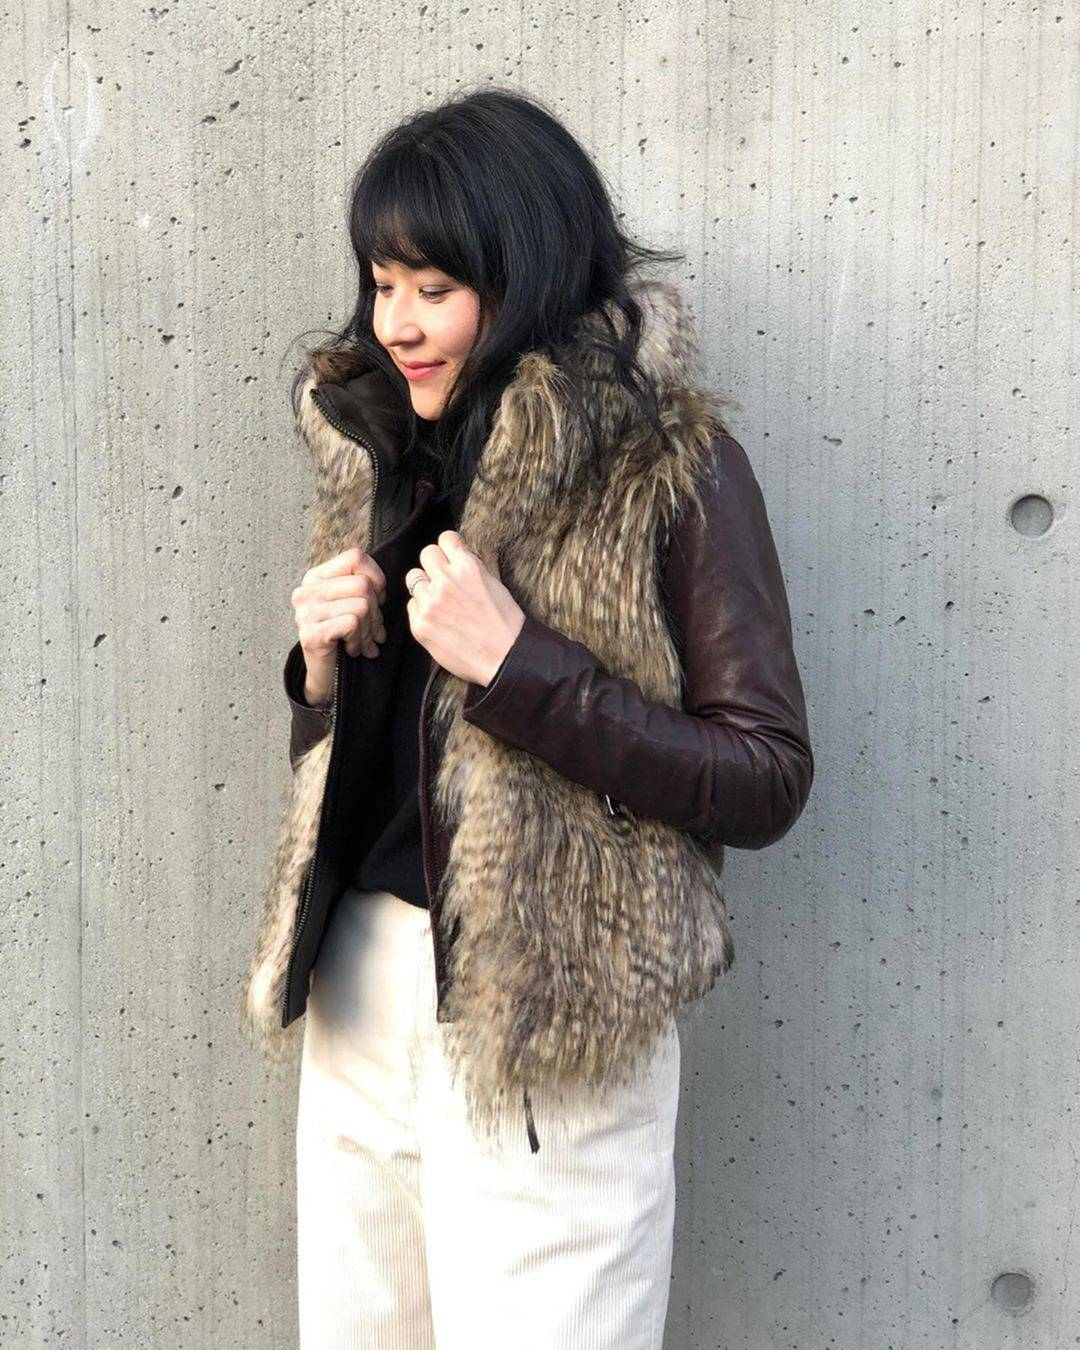 最高気温16度・最低気温6度 i.styleclosetの服装